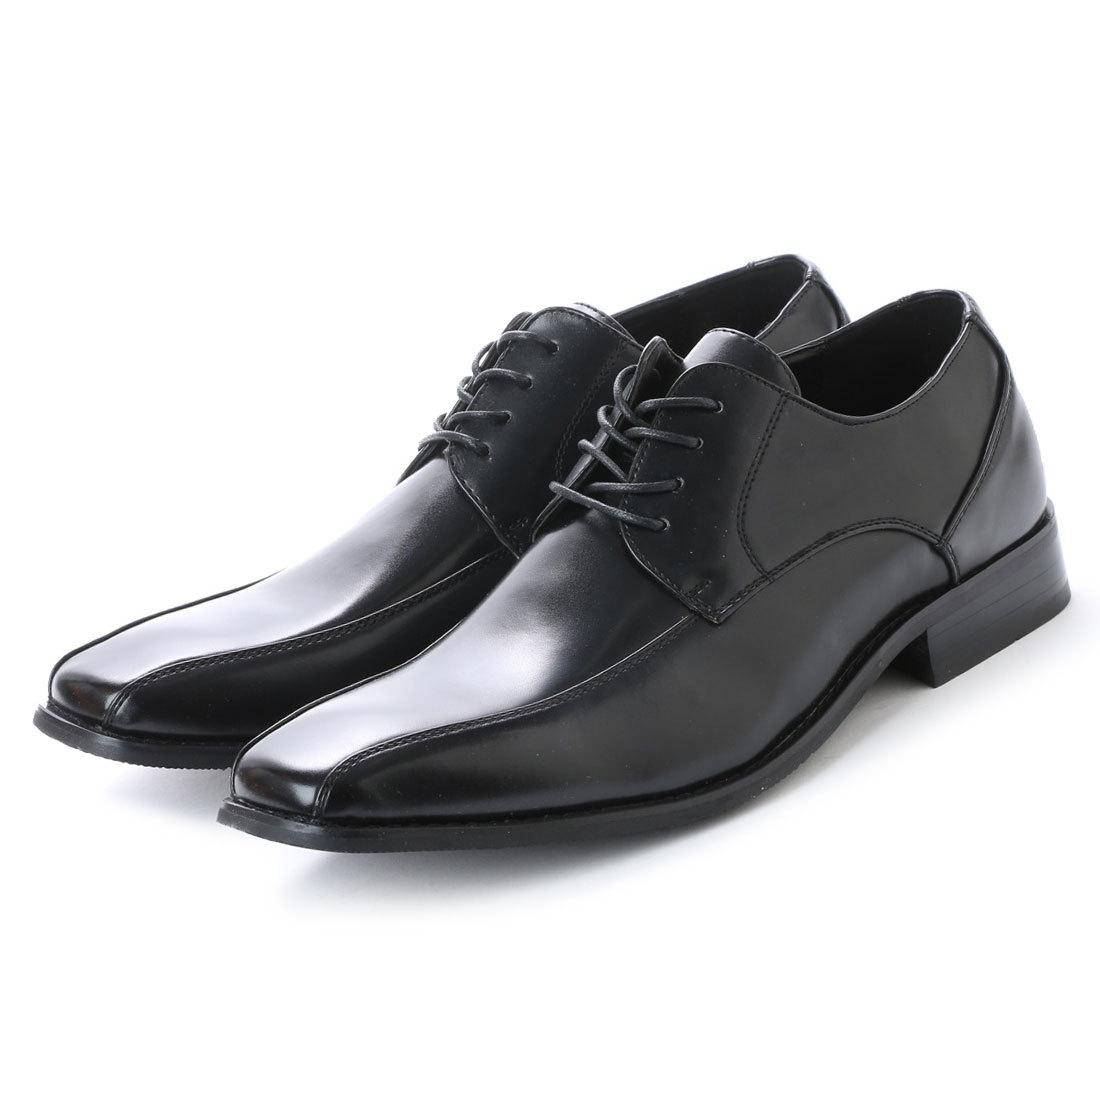 メンズ靴, ビジネスシューズ  ke15173